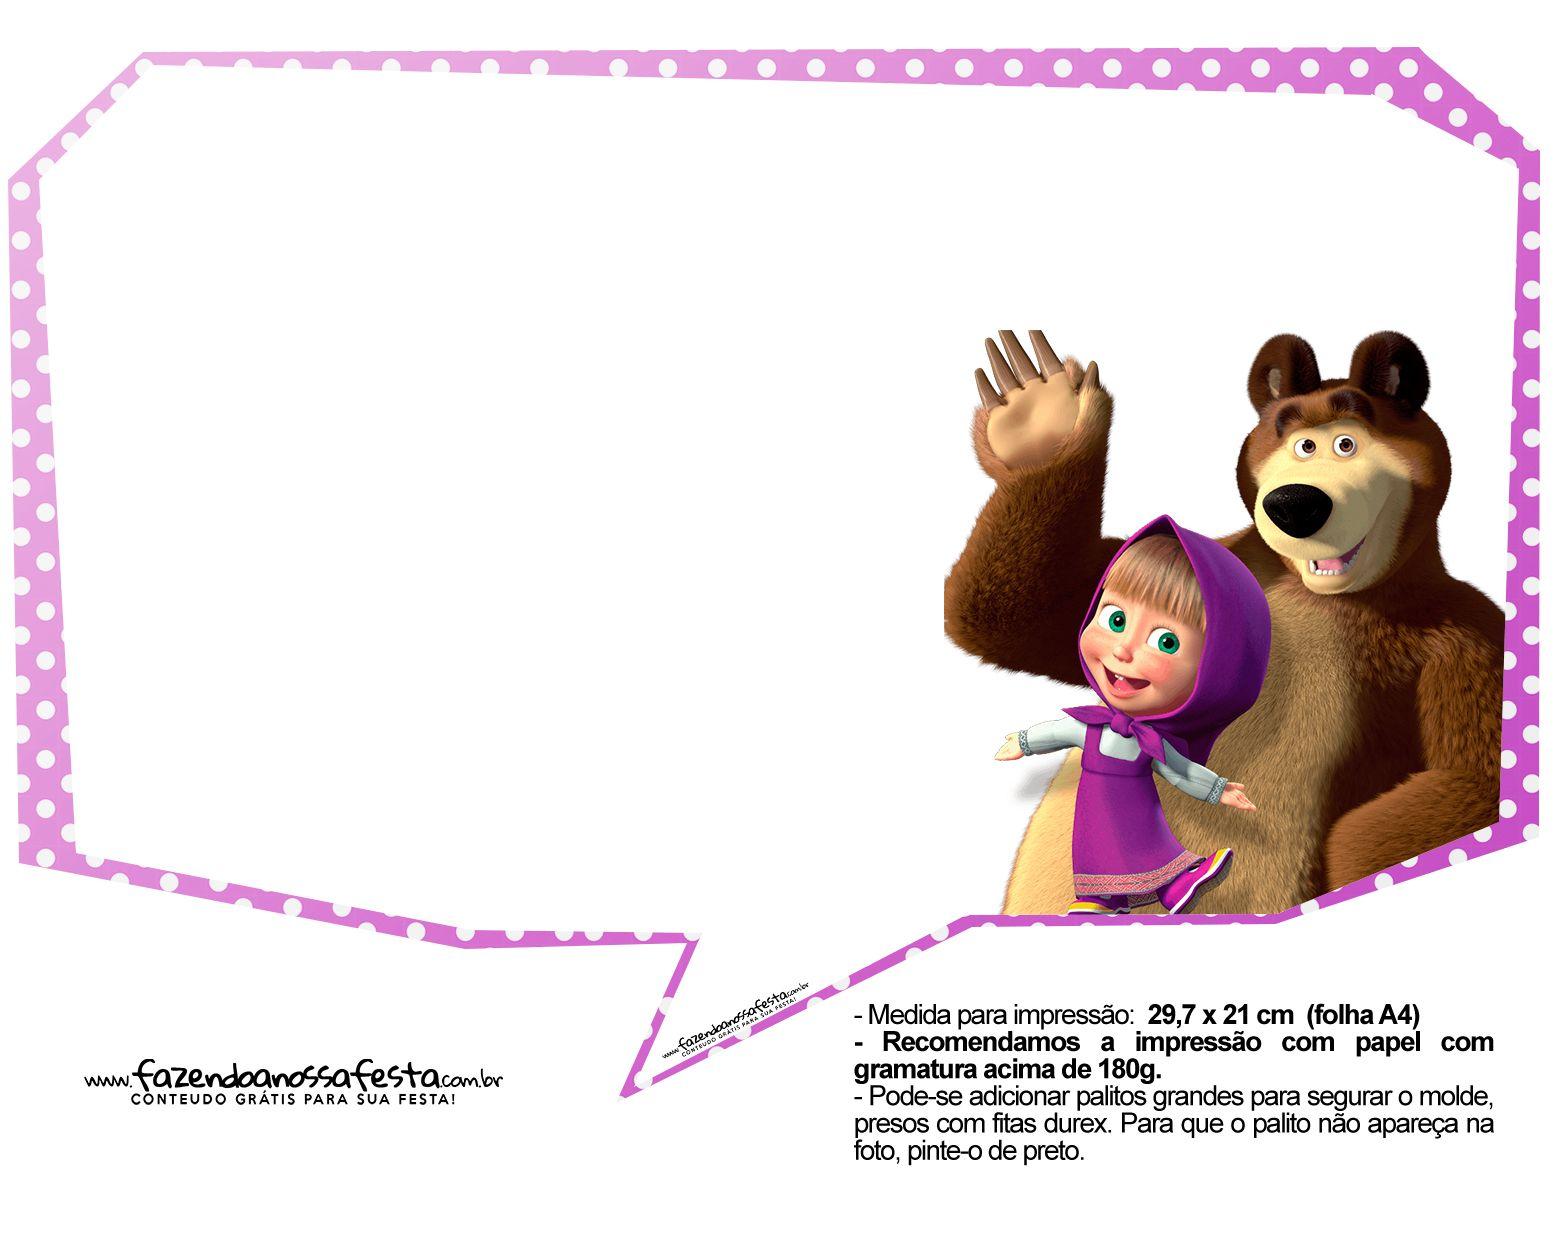 http://fazendoanossafesta.com.br/2016/06/plaquinhas-divertidas-masha-e-o-urso.html/